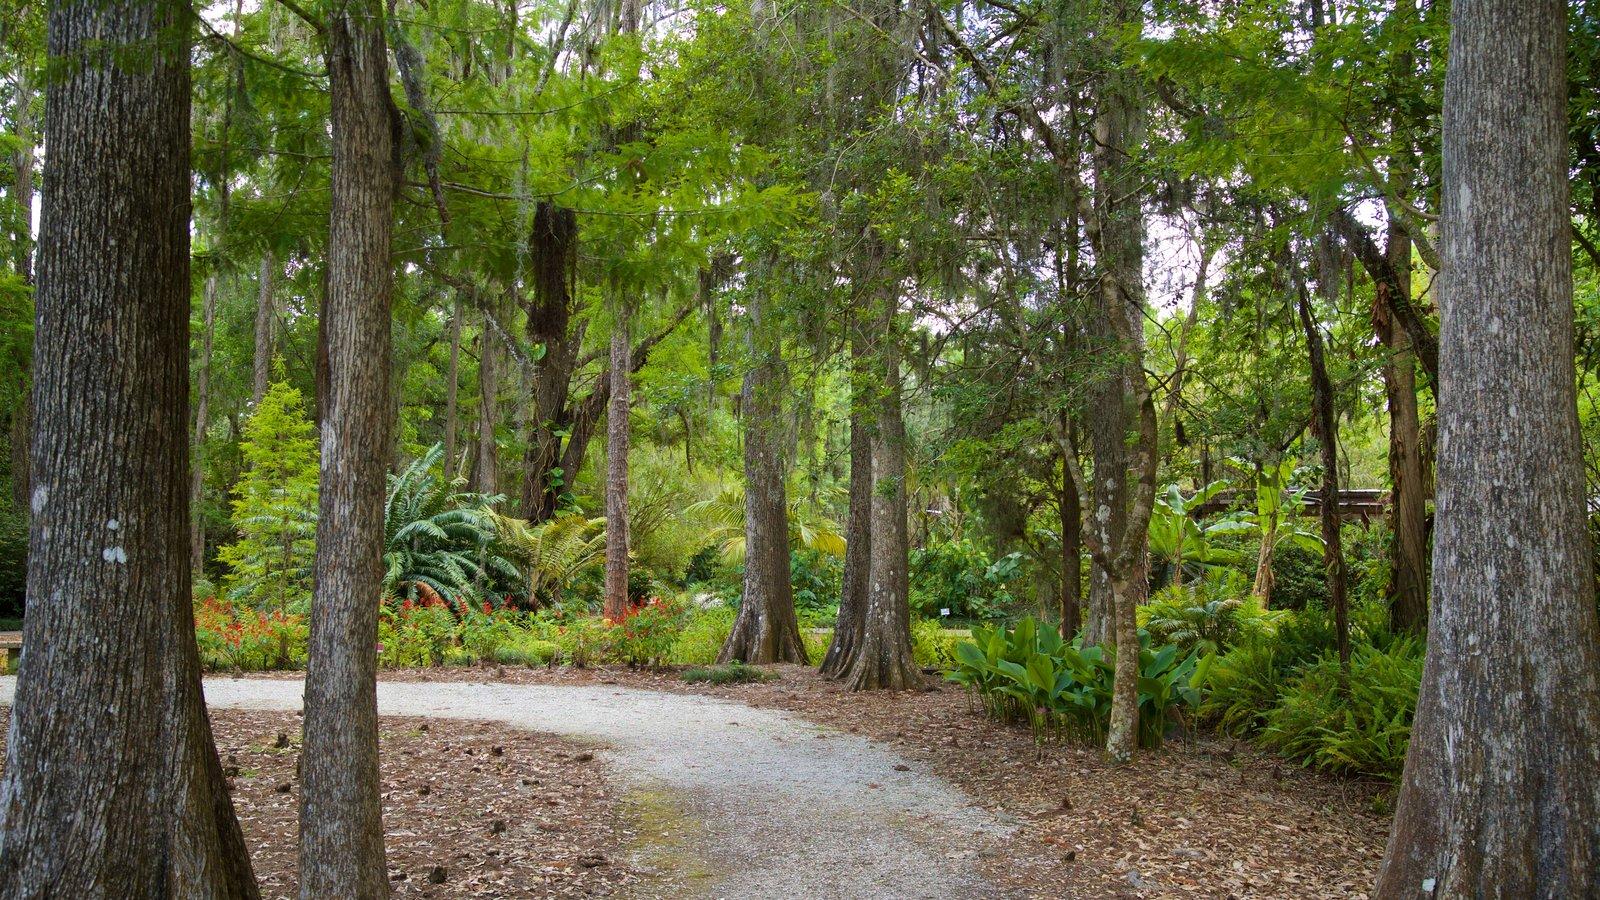 Parque regional Eureka Springs ofreciendo un jardín